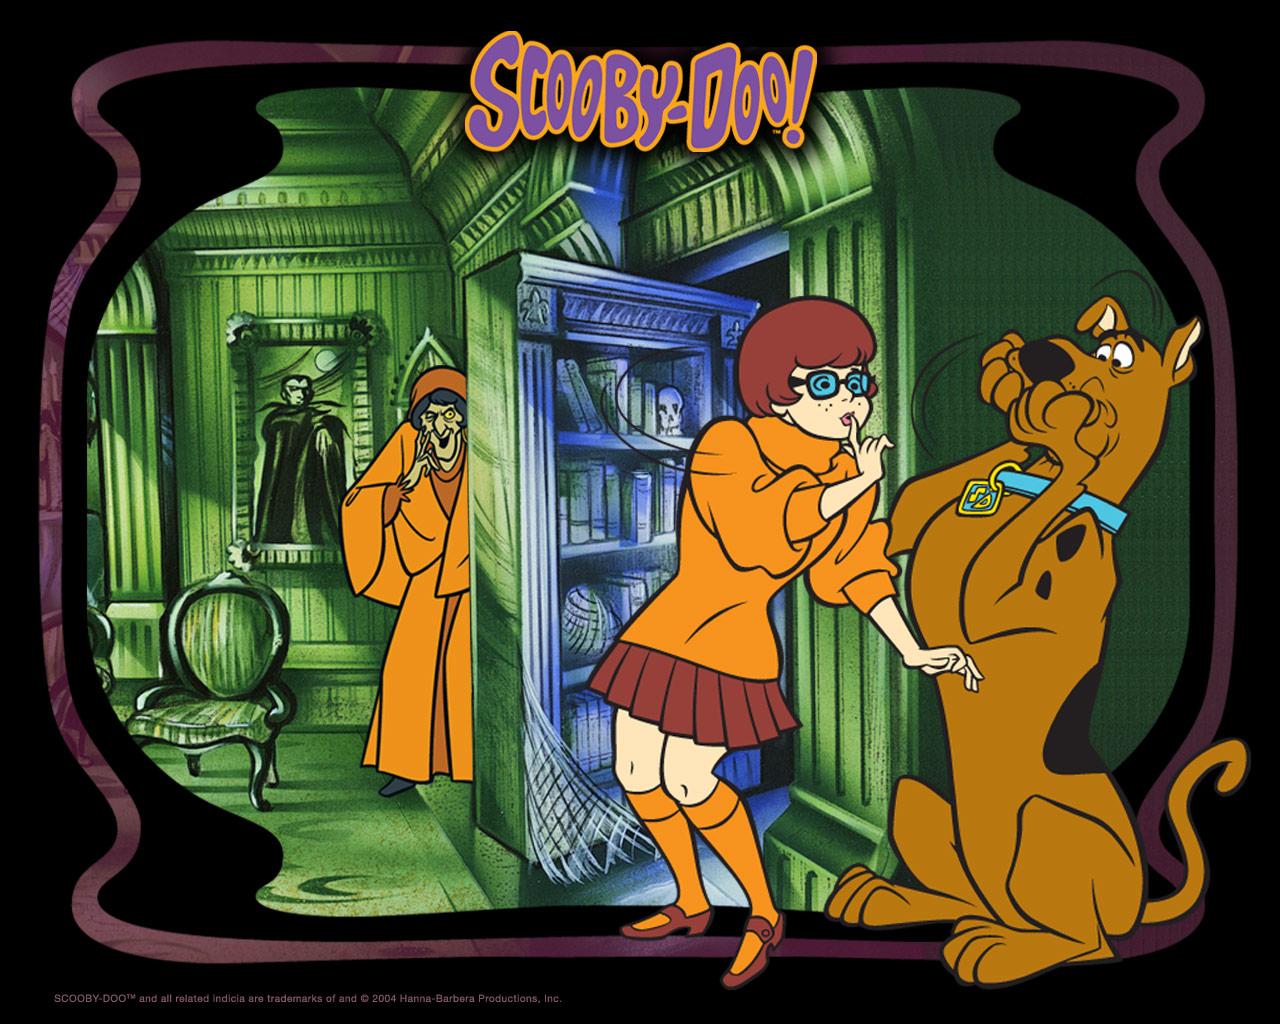 Scooby Doo Wallpaper Bedroom Scooby October 2011 Free Wallpaper